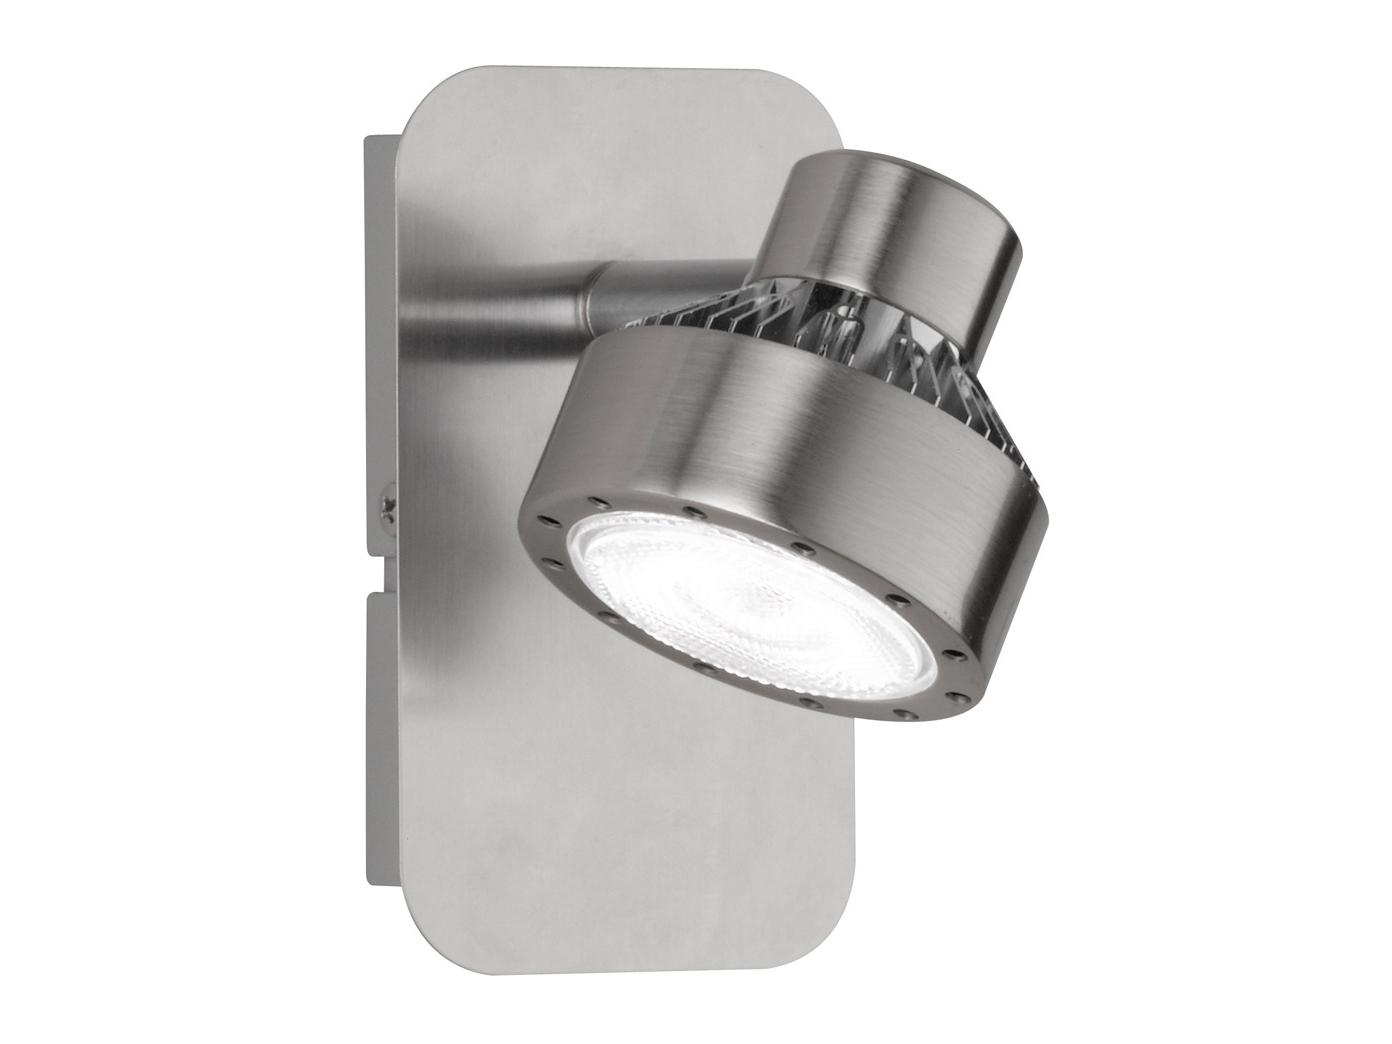 Wandspot LED Spot Wandleuchte 2er Set LED Wandlampe SCARLETT mit Schalter